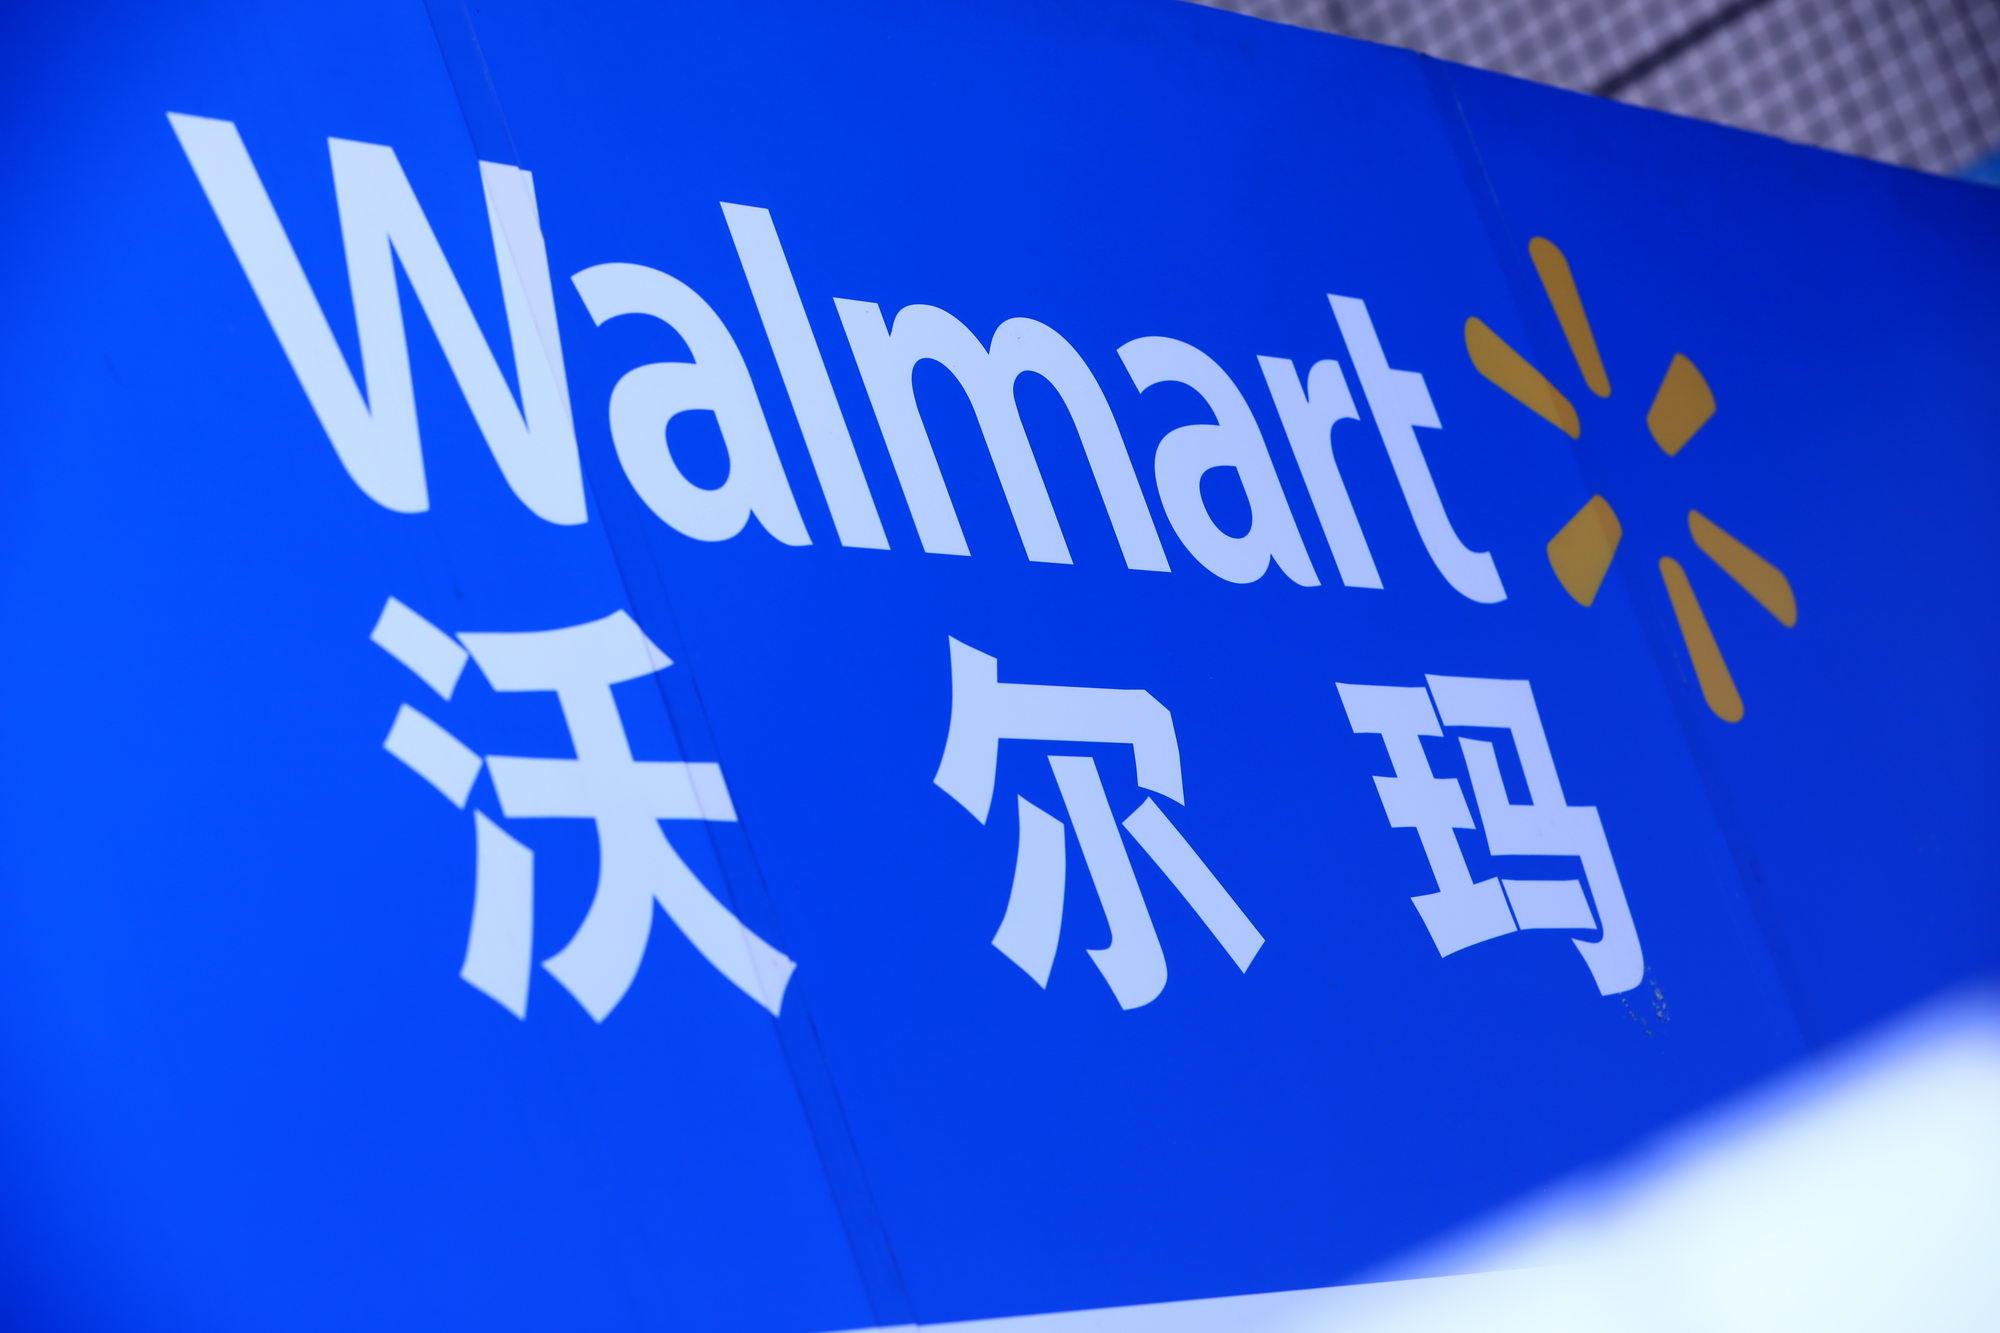 沃尔玛旗下Flipkart将以2.04亿美元收购印度时装零售商7.8%股份_零售_电商报